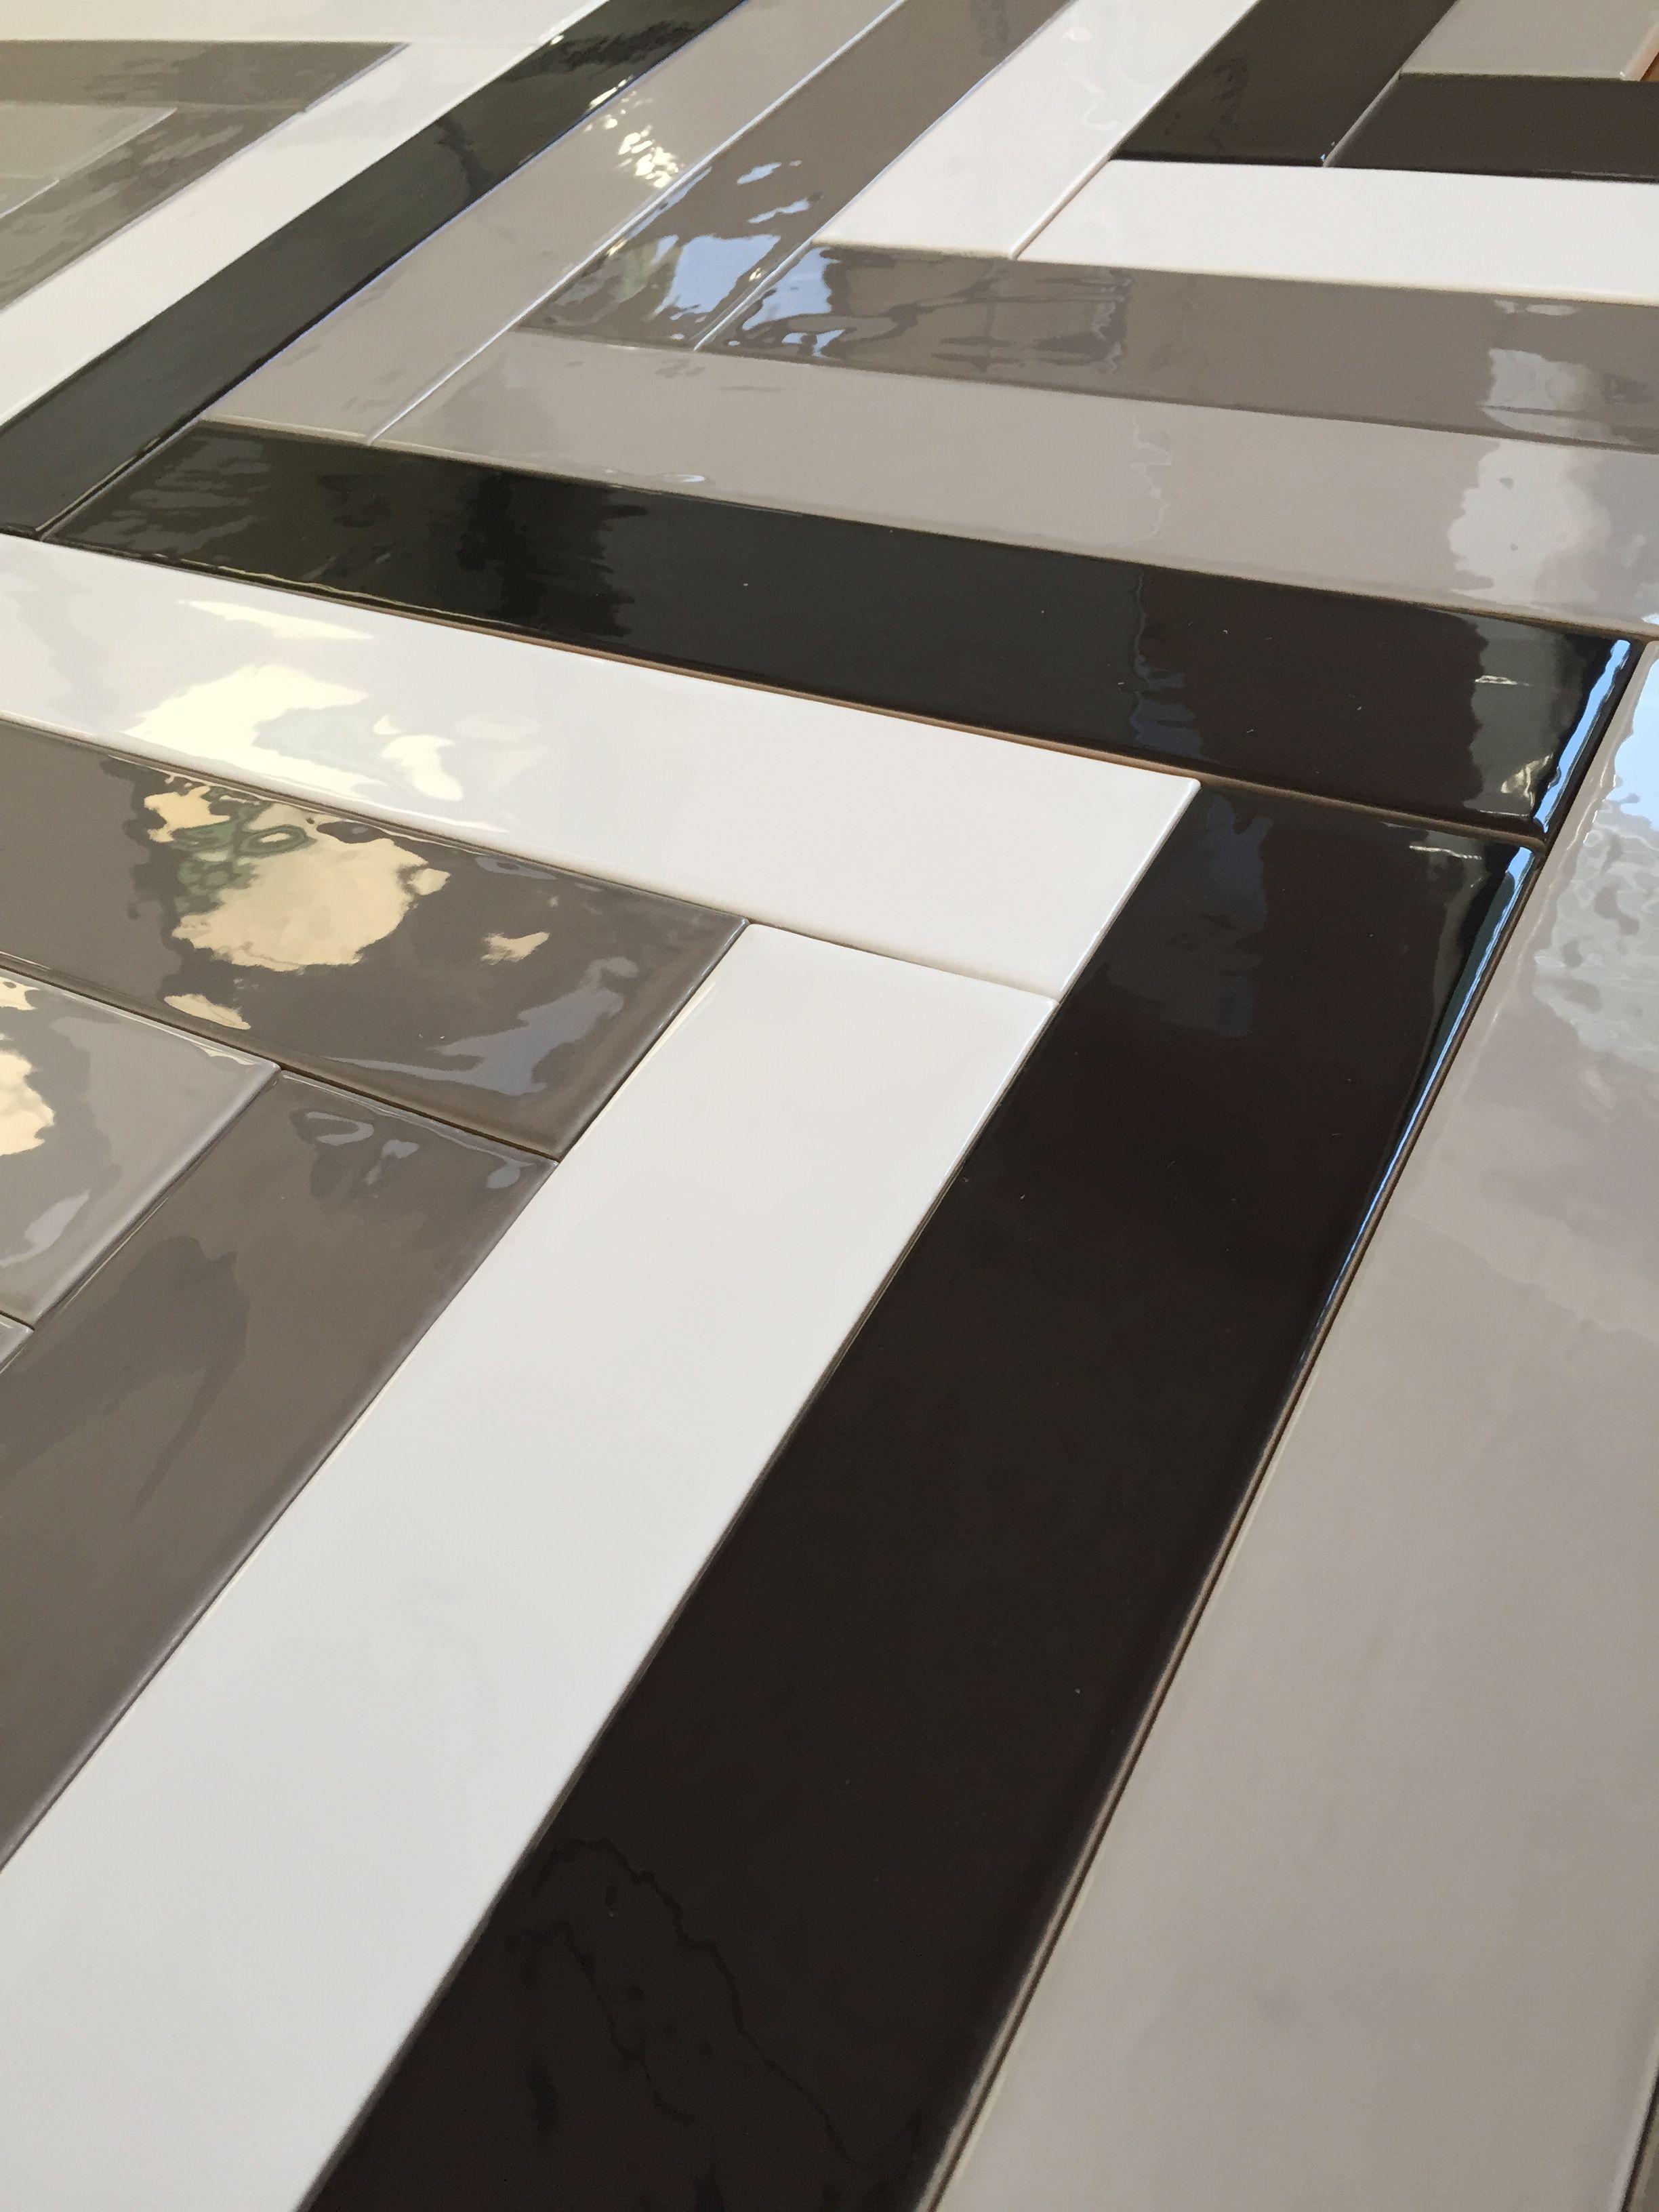 Tonalite collezione linea40 tiles piastrelle herringbone home tonalite tiles tonalite dailygadgetfo Gallery